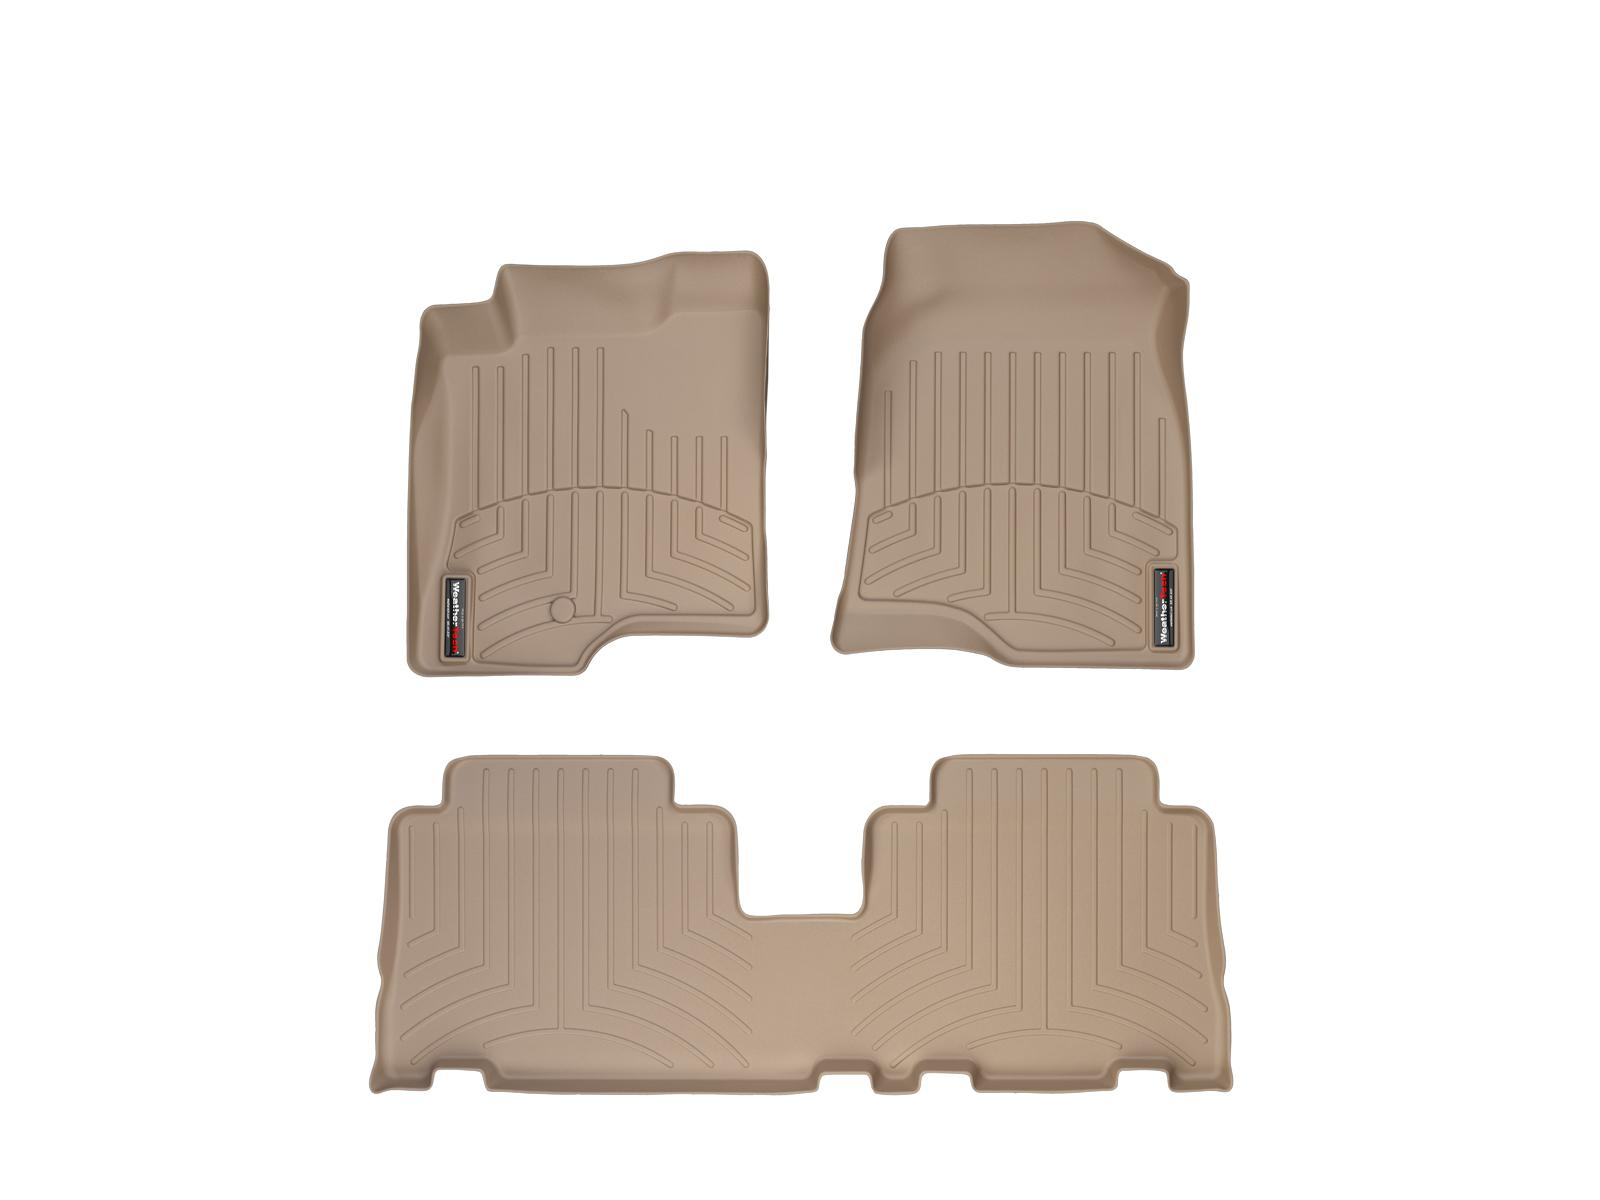 Tappeti gomma su misura bordo alto Chevrolet Captiva 06>11 Marrone A109*